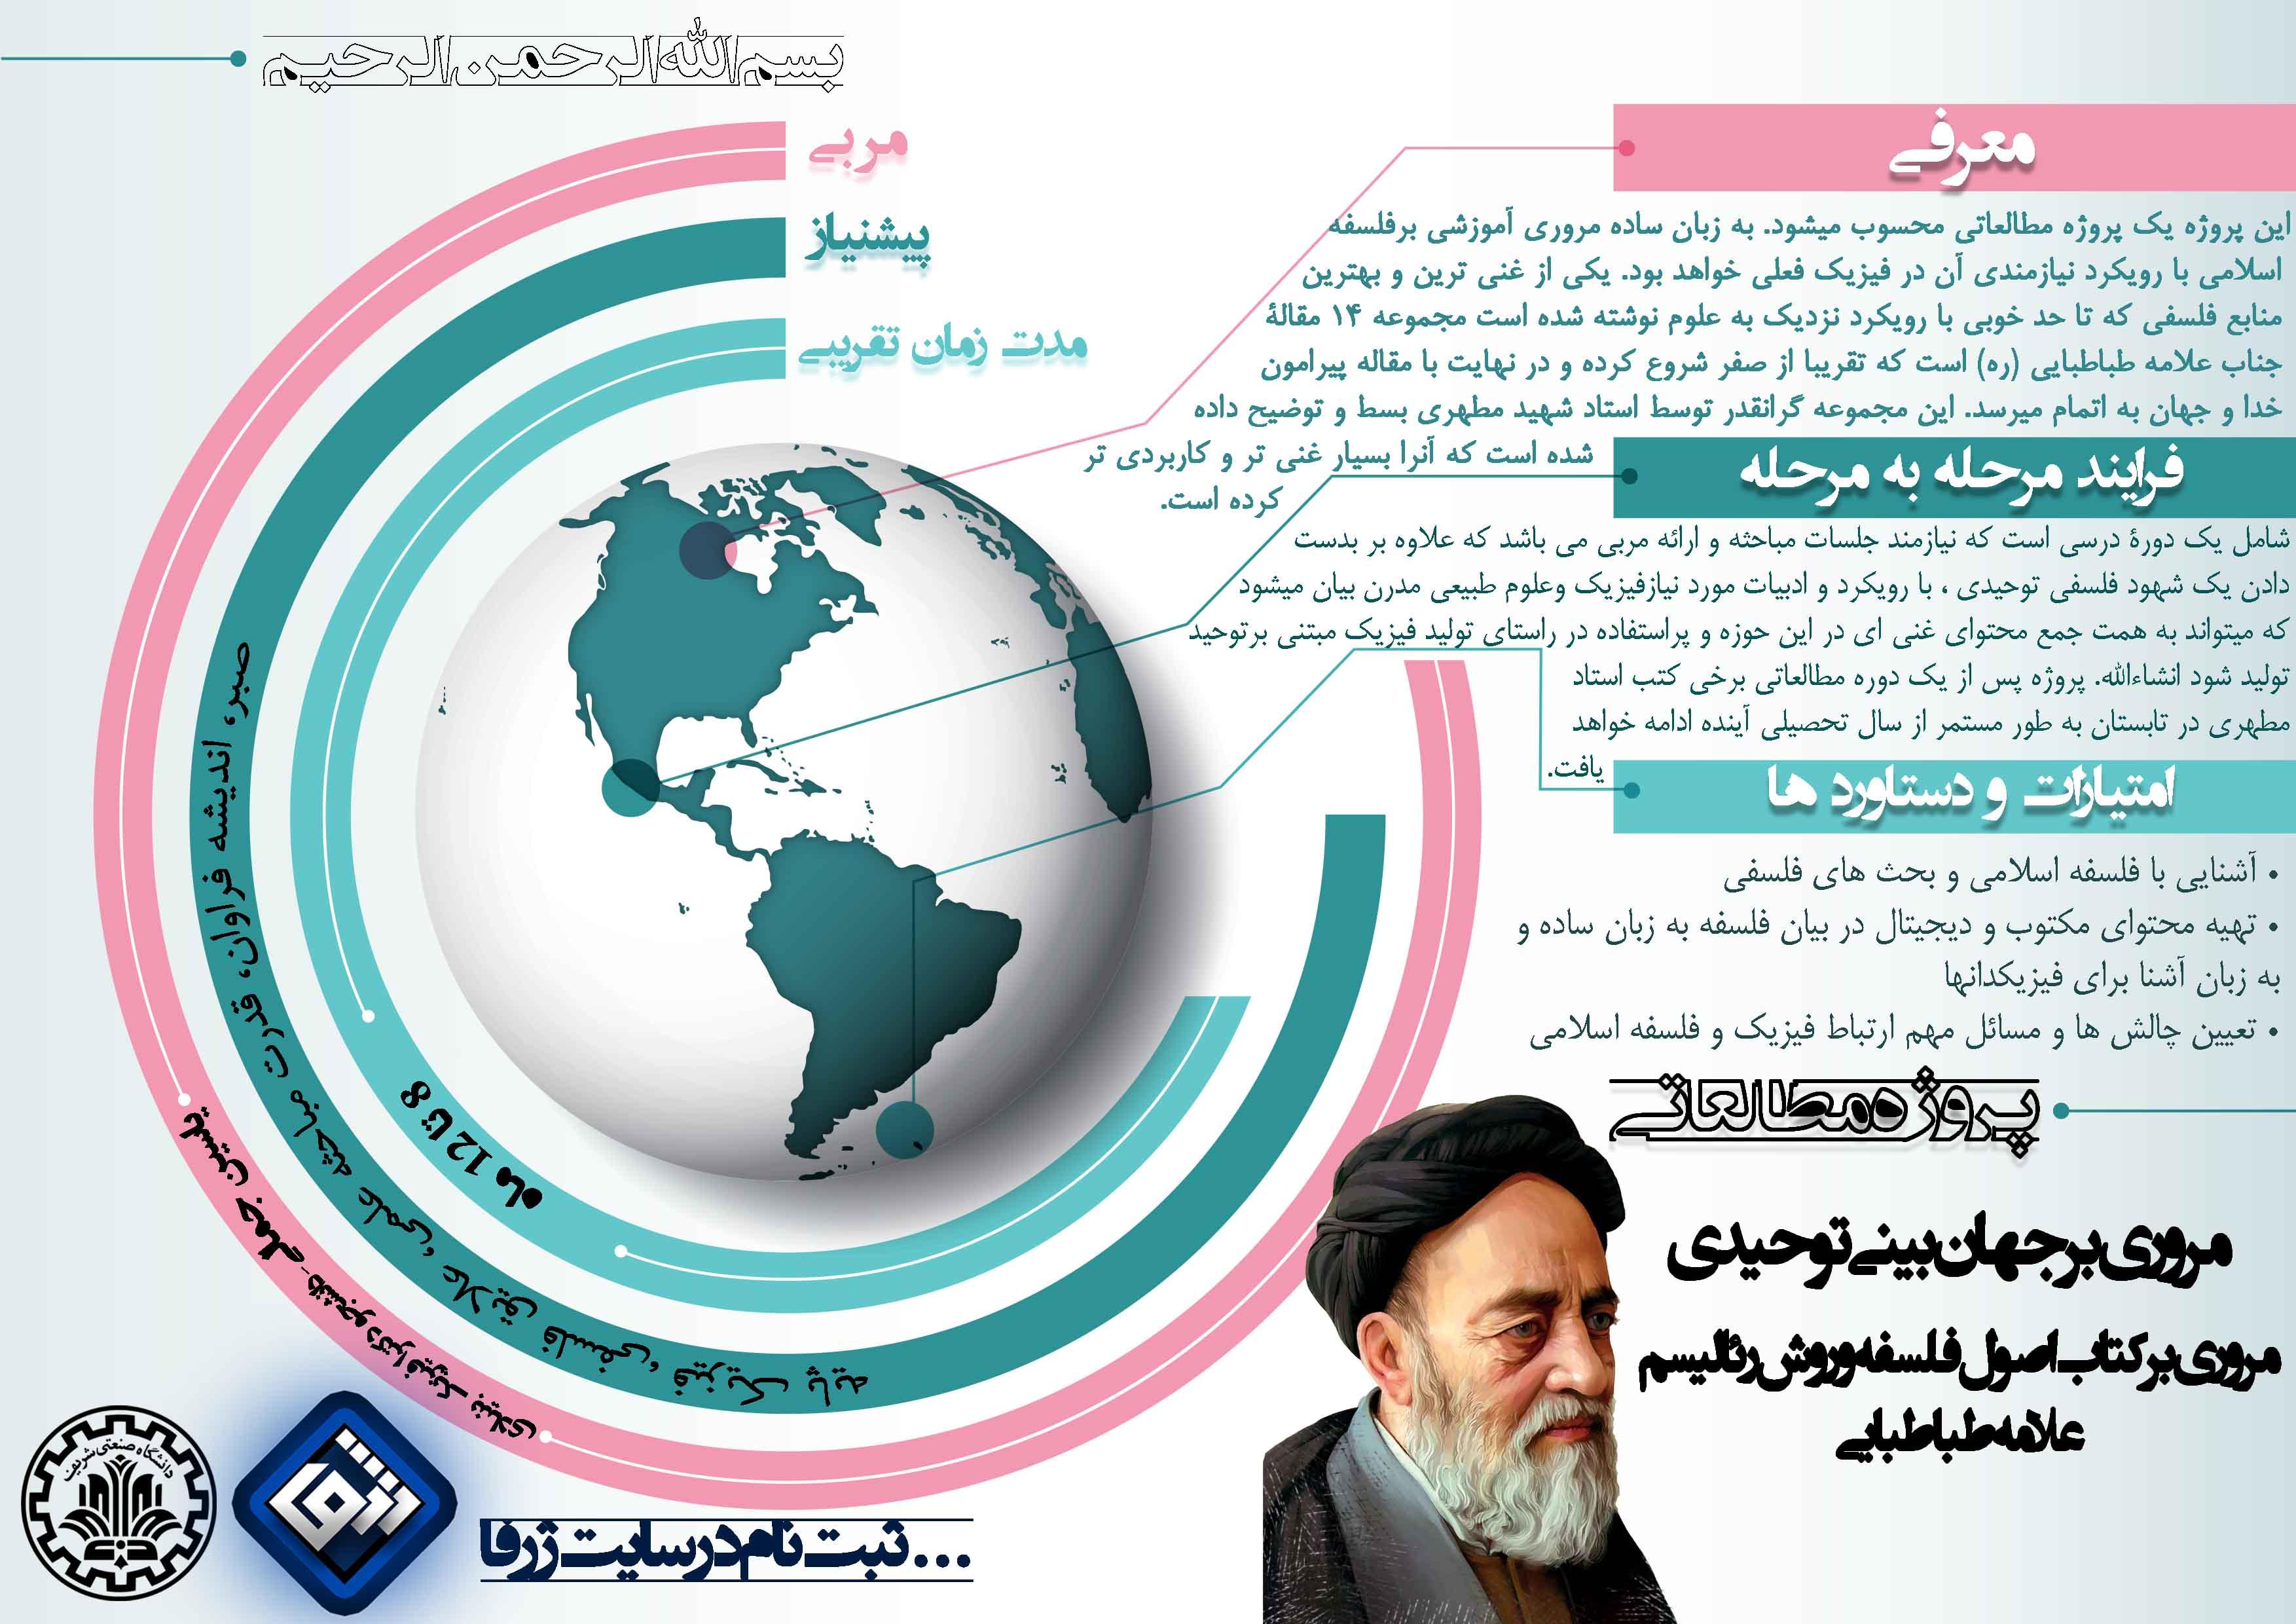 معرفی تفصیلی پروژه مطالعاتی فلسفه اسلامی